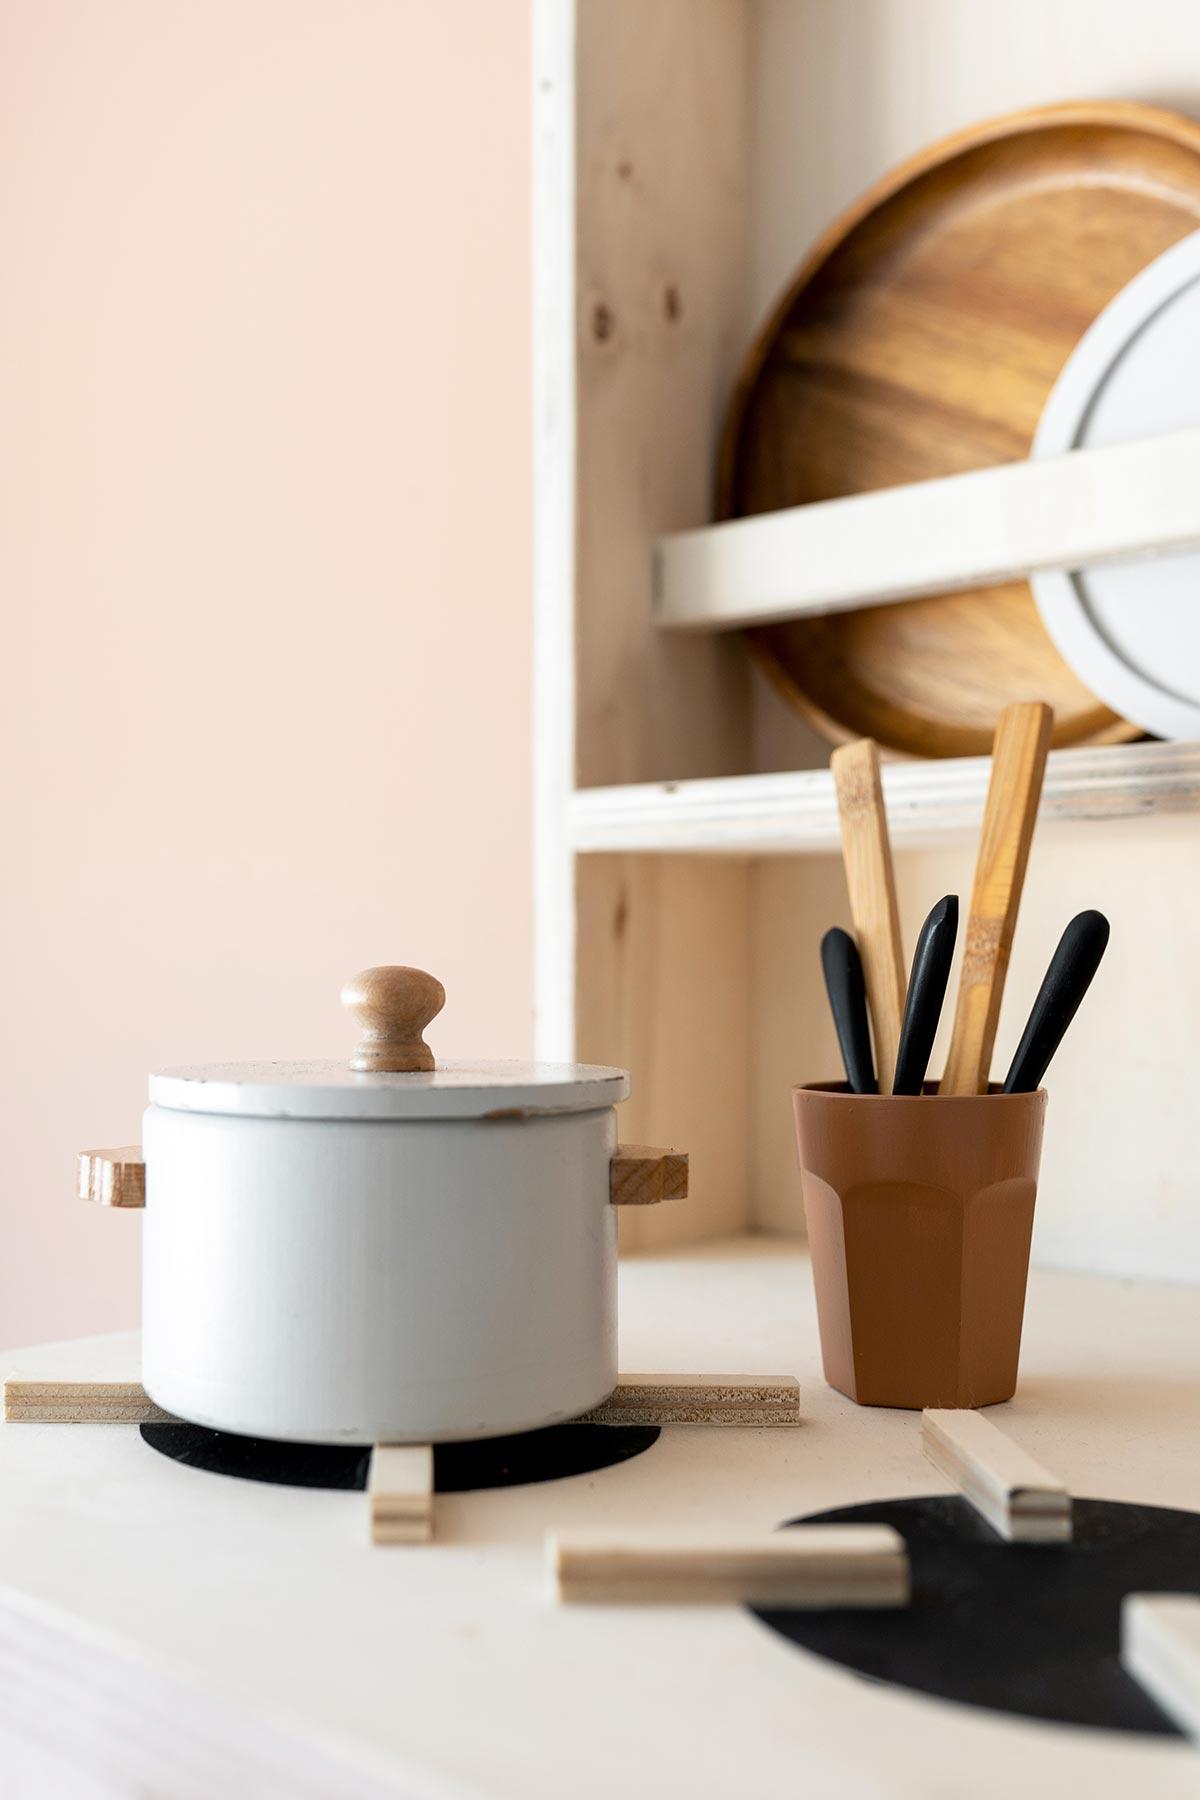 DIY speelgoedkeukentje hout - Tanja van Hoogdalem